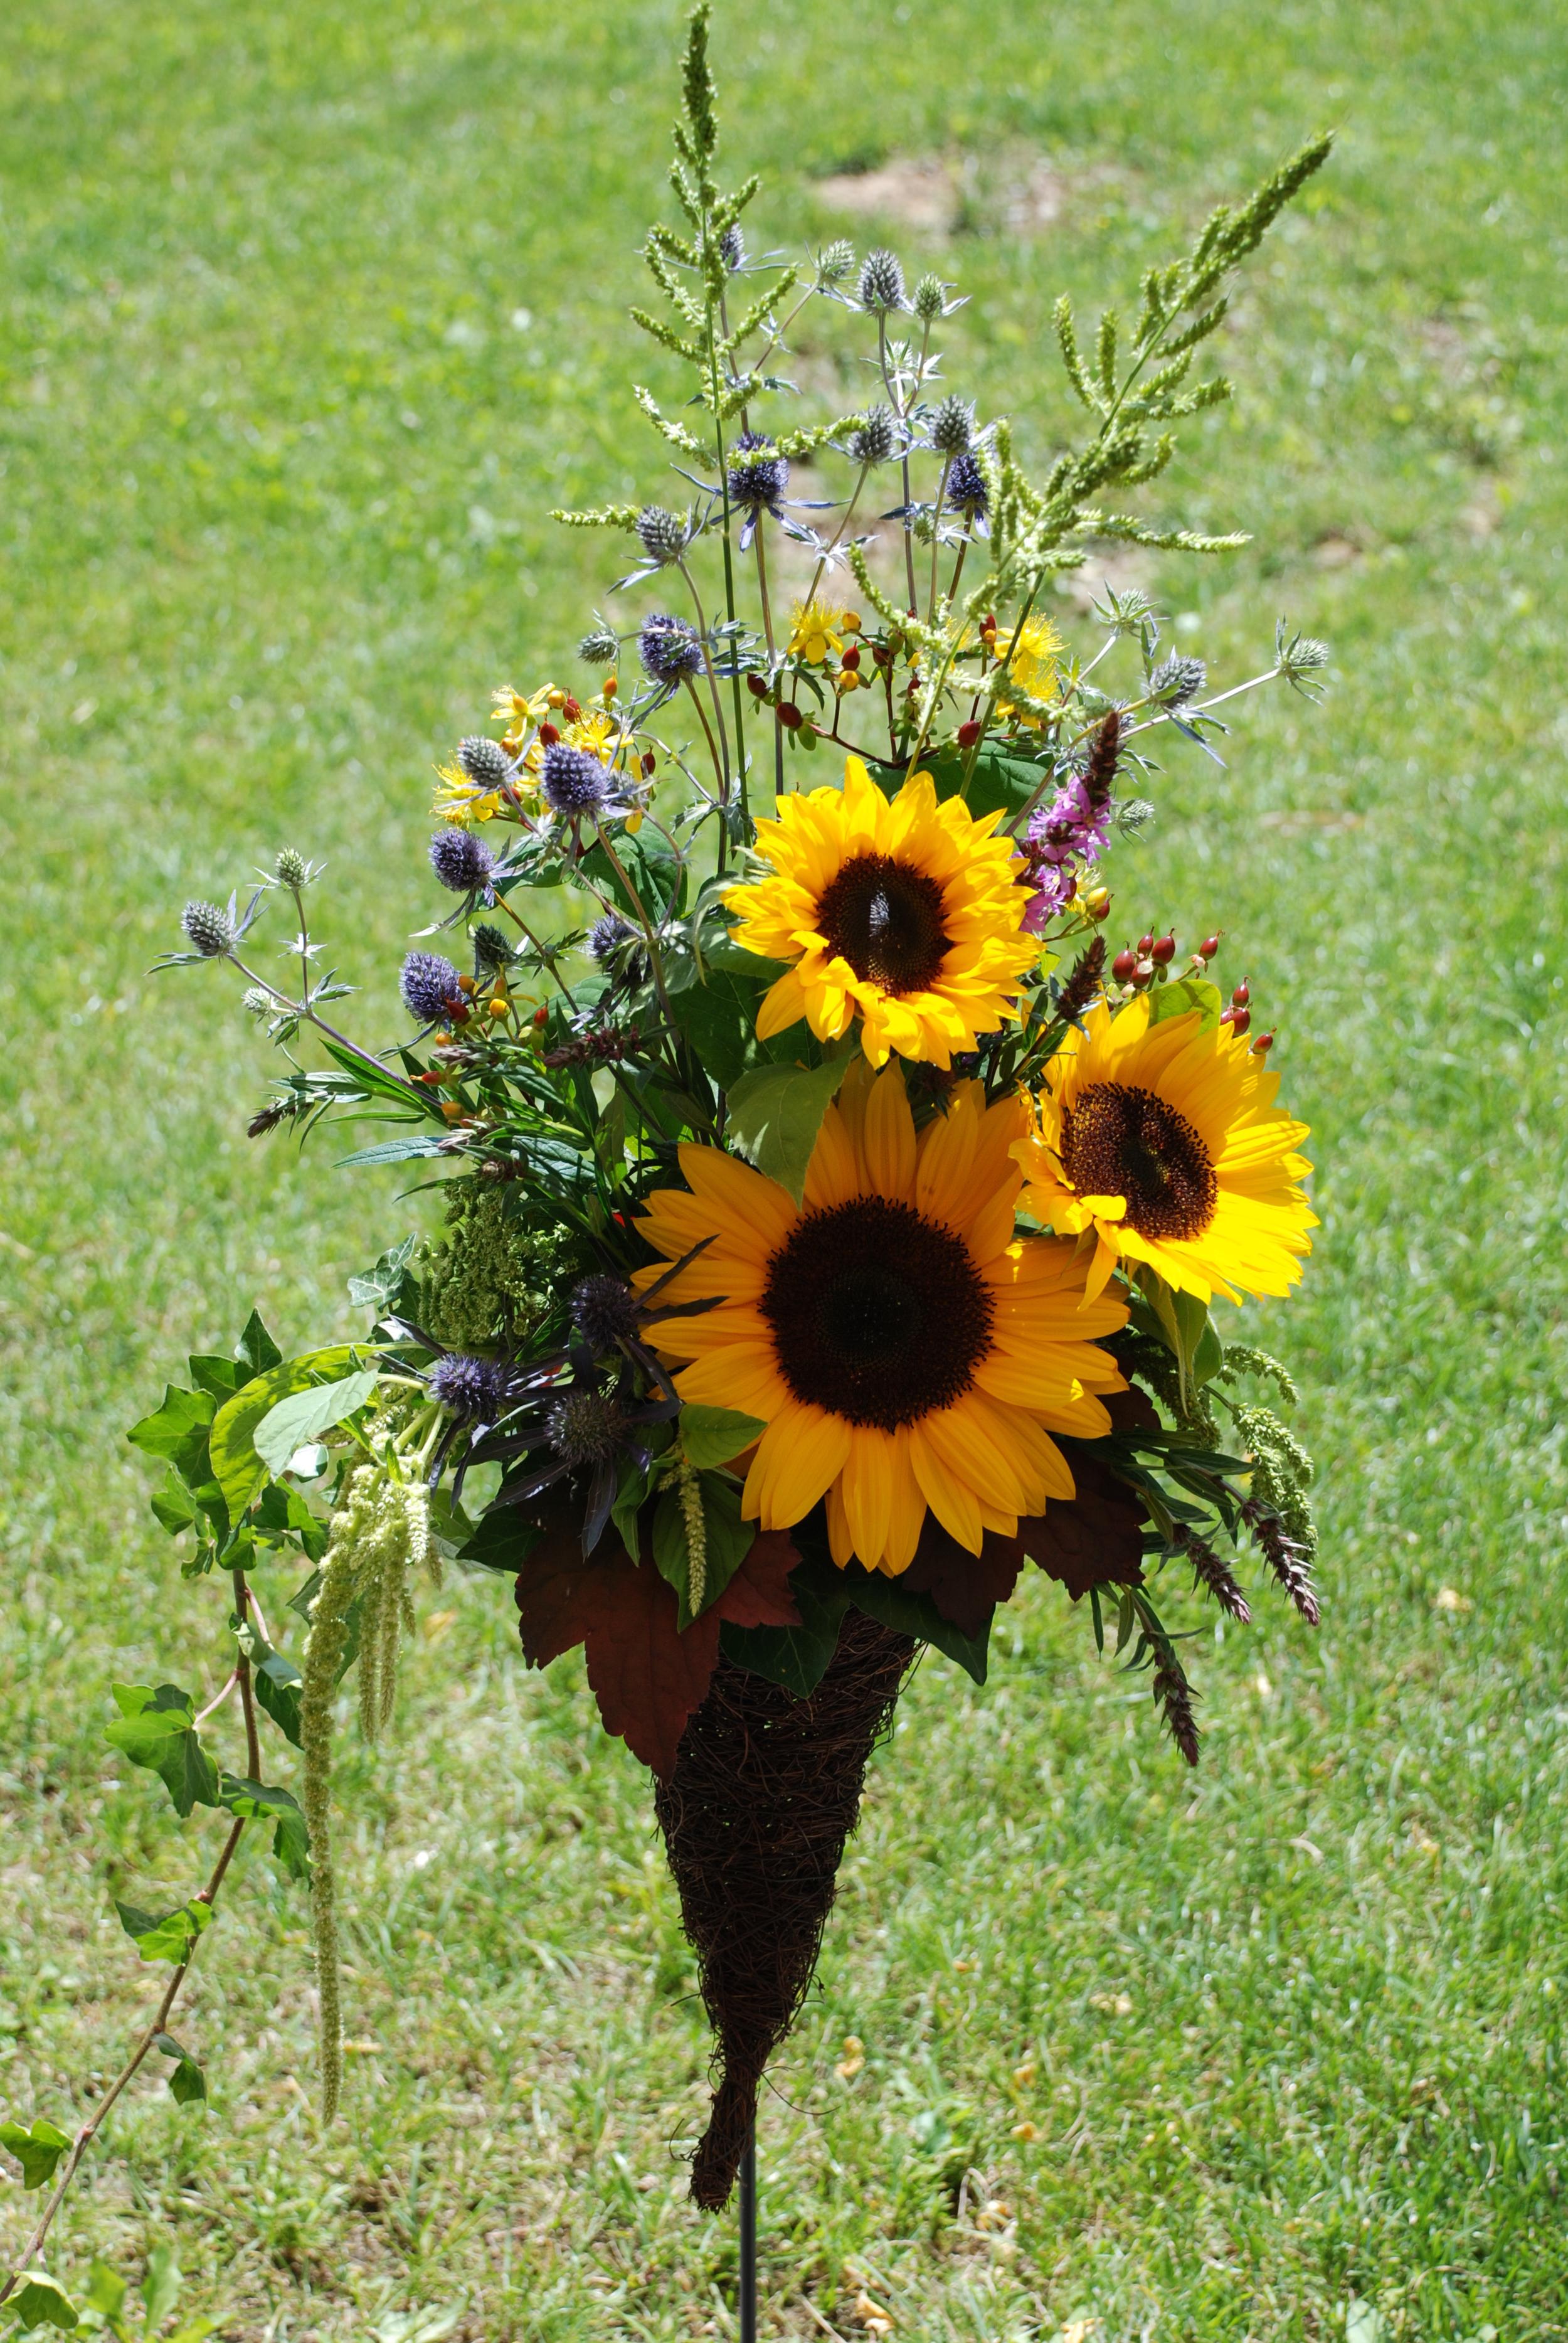 Sommerlicher Blumenstrauss mit Sonnenblumen